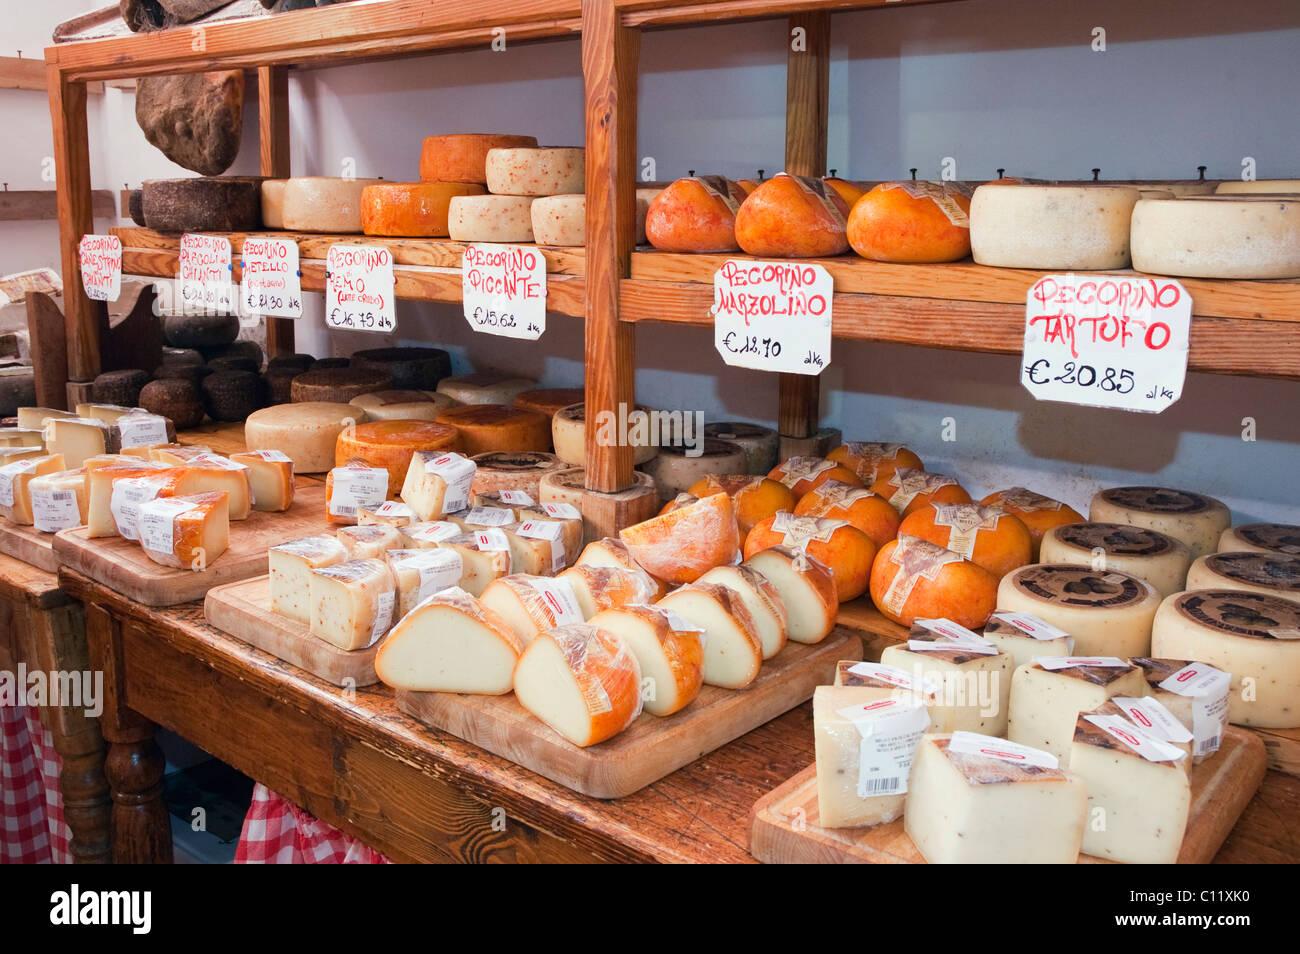 Pecorino cheese in a delicatessen shop, Norcineria Falorni, Greve, Chianti, Tuscany, Italy, Europe - Stock Image